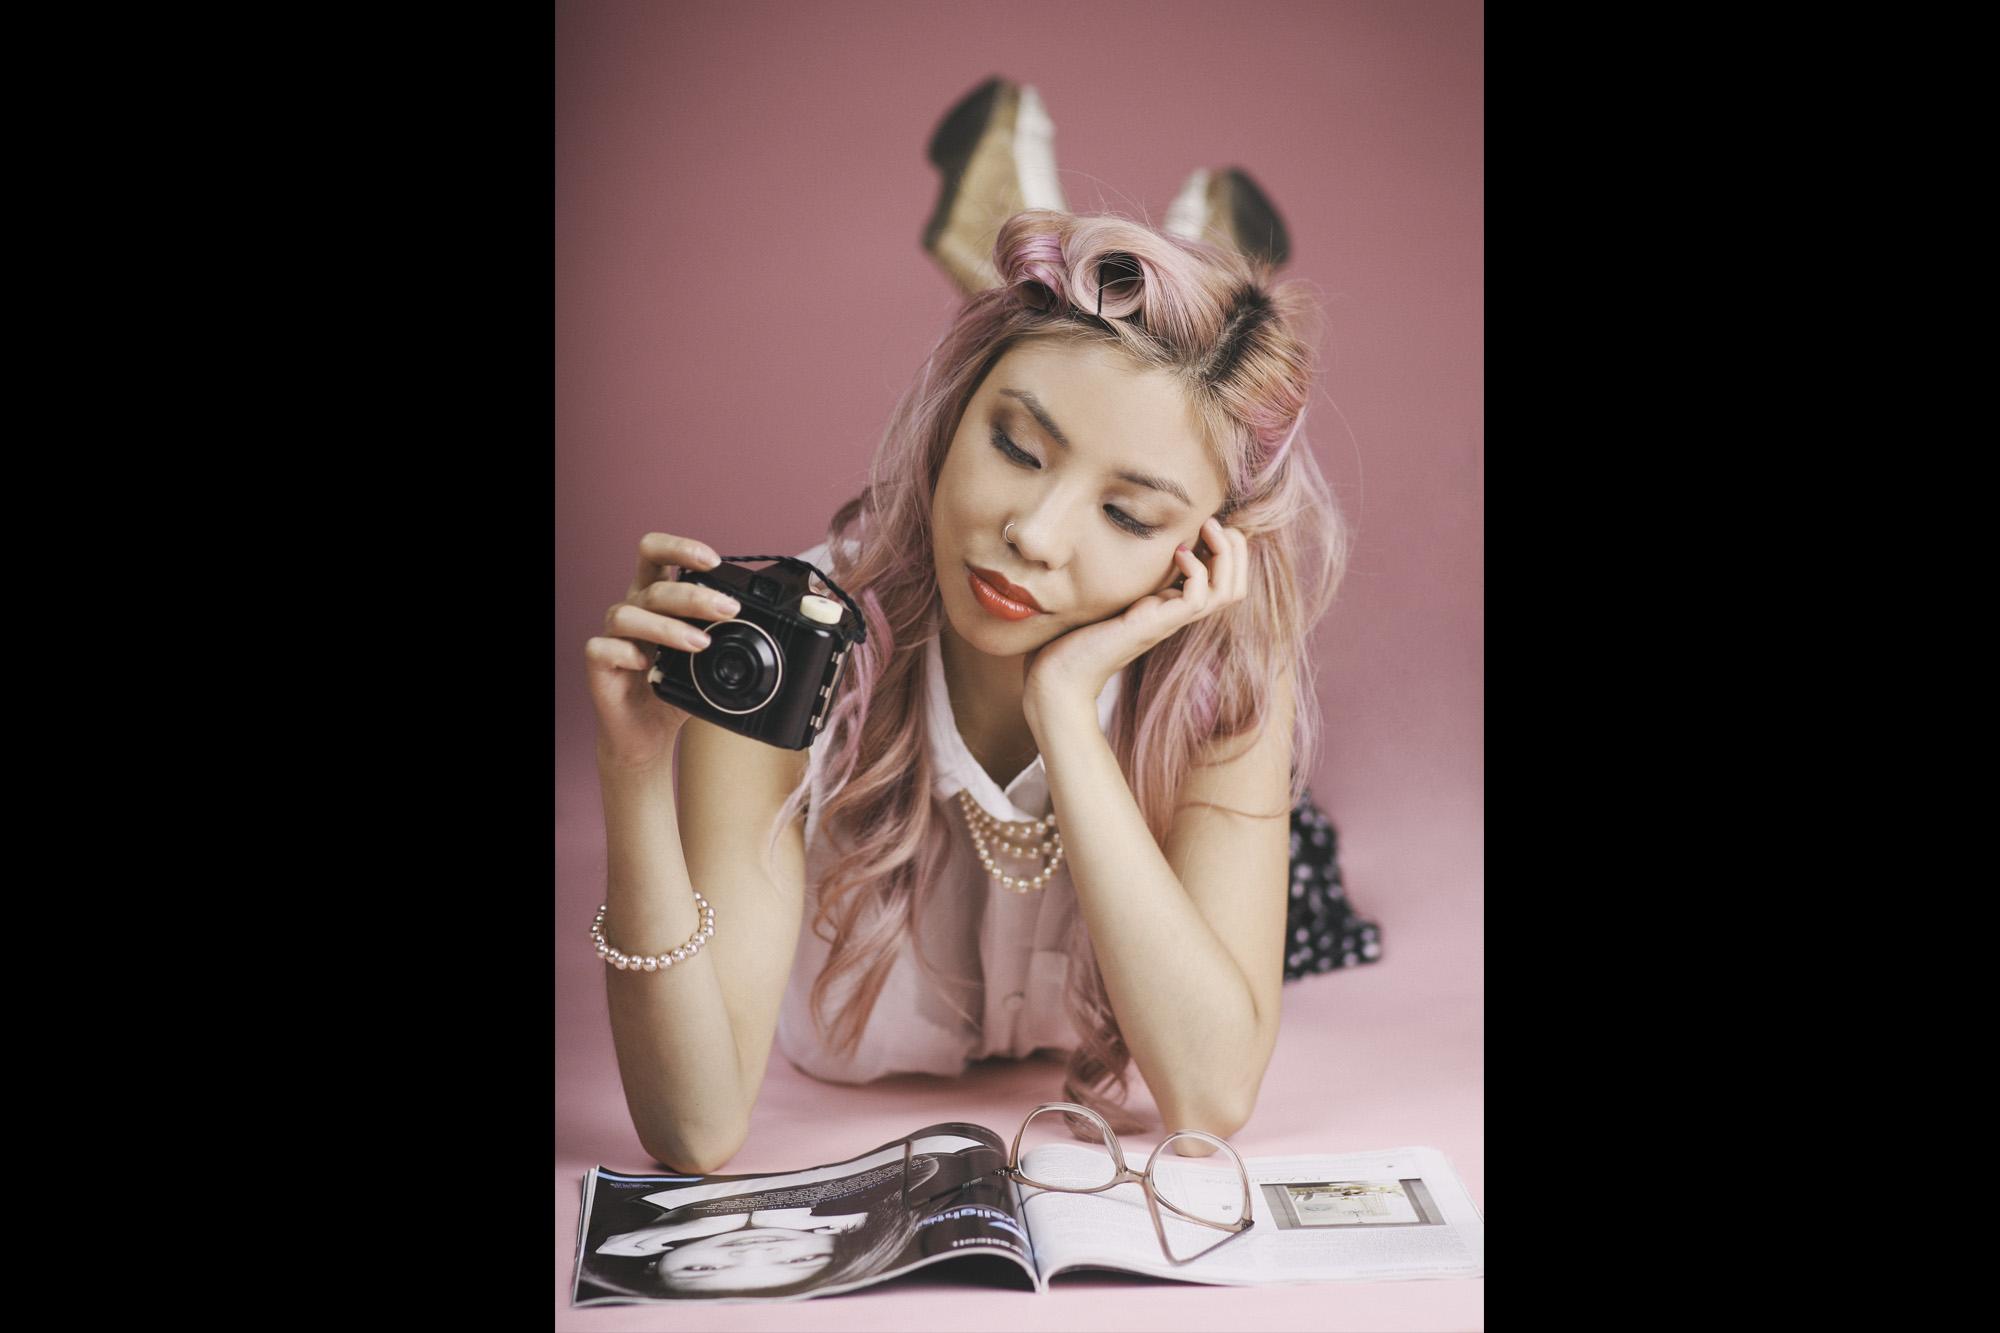 Photo tirée du portfolio de JessieL Photographe